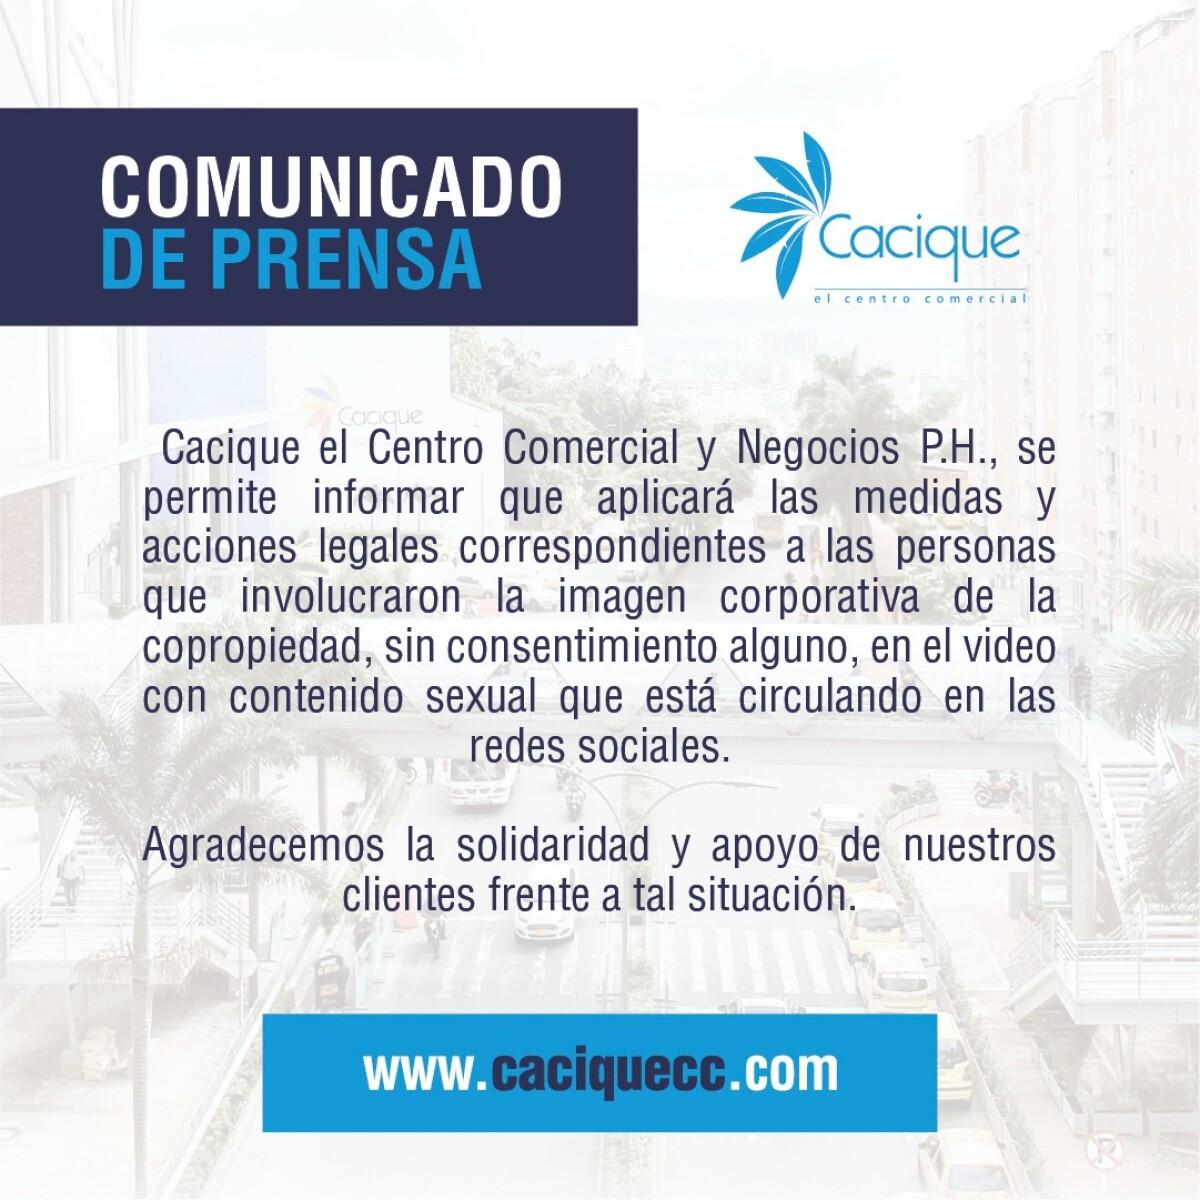 COMUNICADO CACIQUE.jpeg